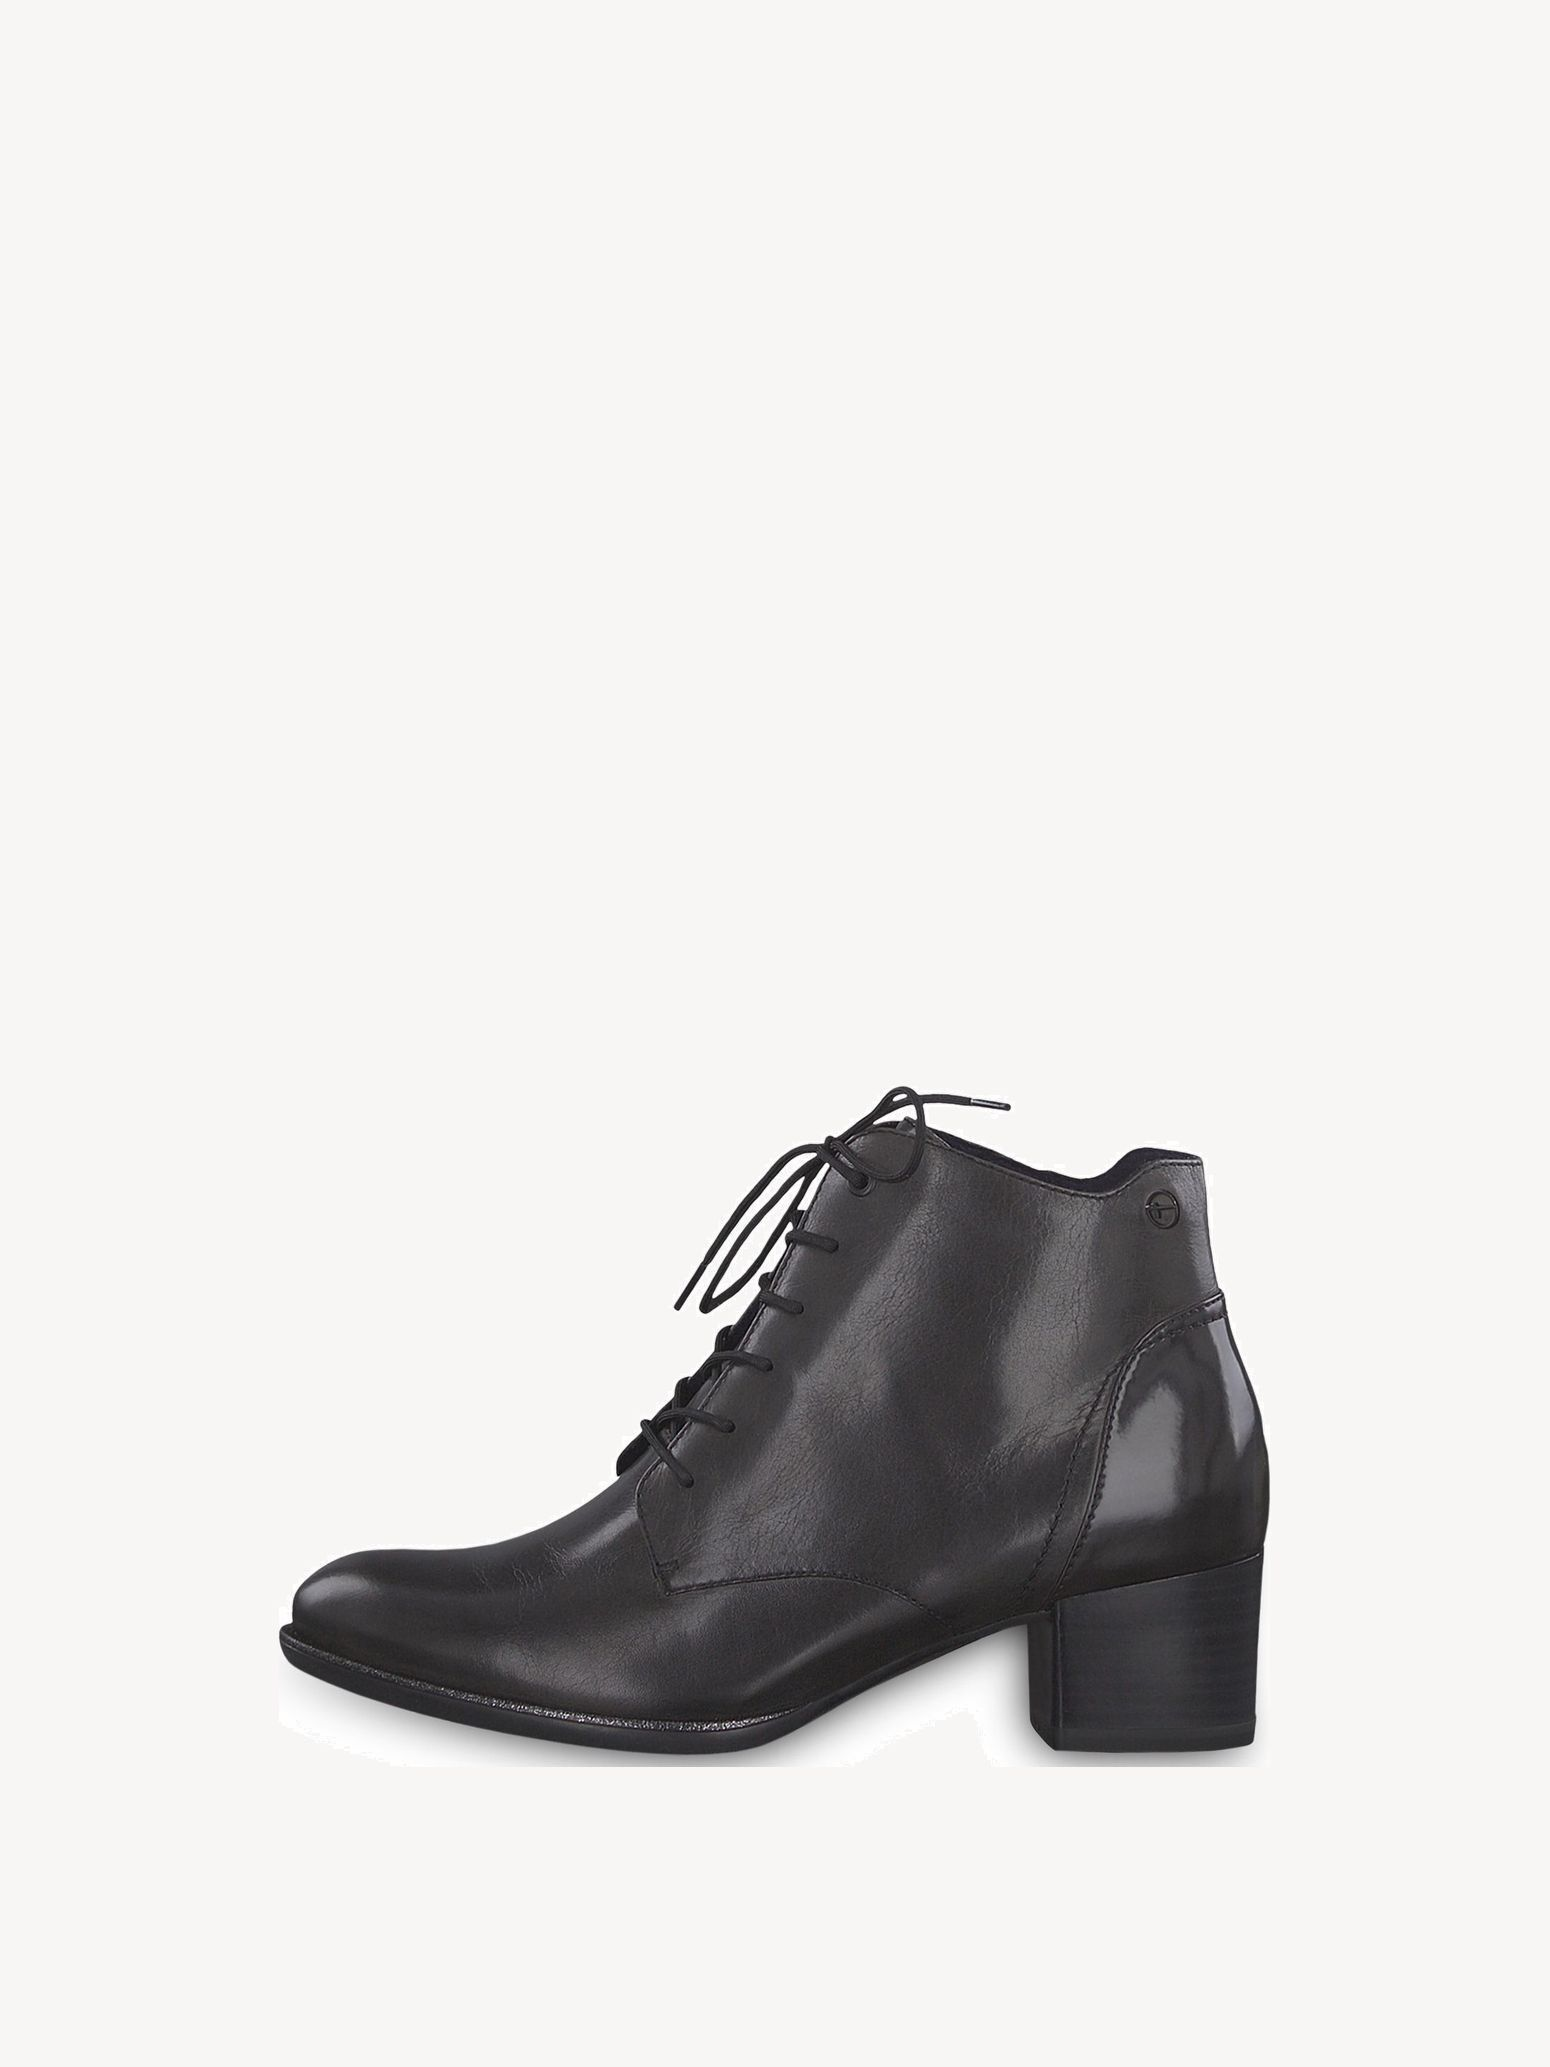 En Chaussures Boutique Ligne La Pour Femmes Sur Tamaris wn8pRq